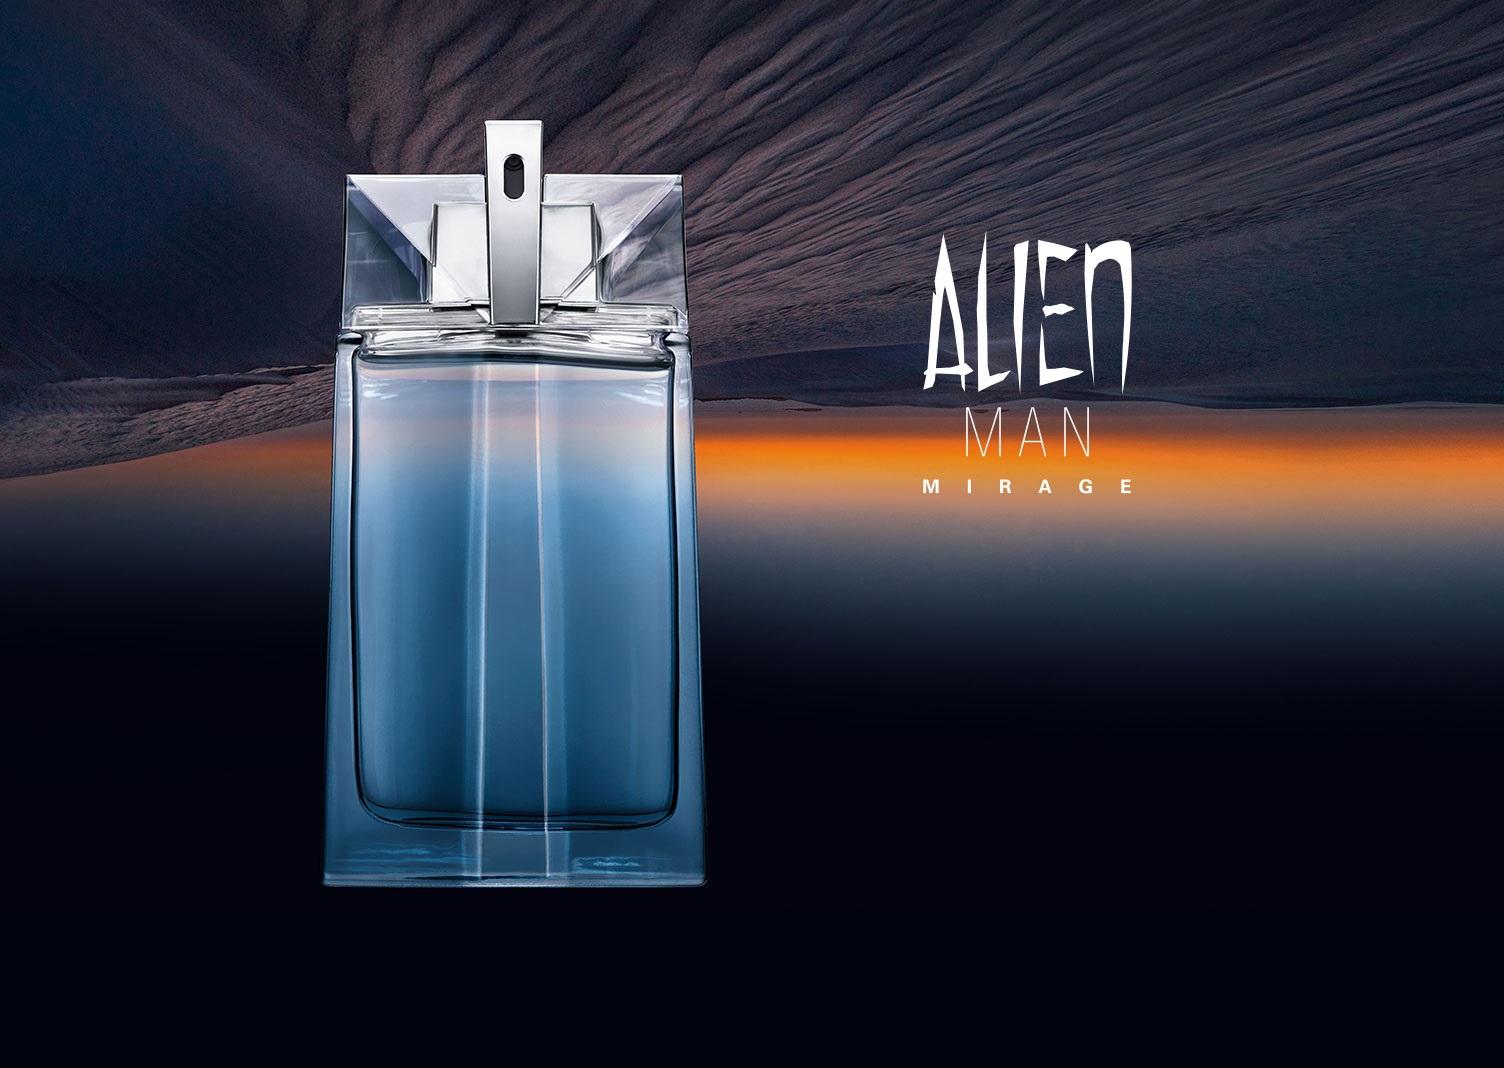 Mugler Alien Man Mirage kampania